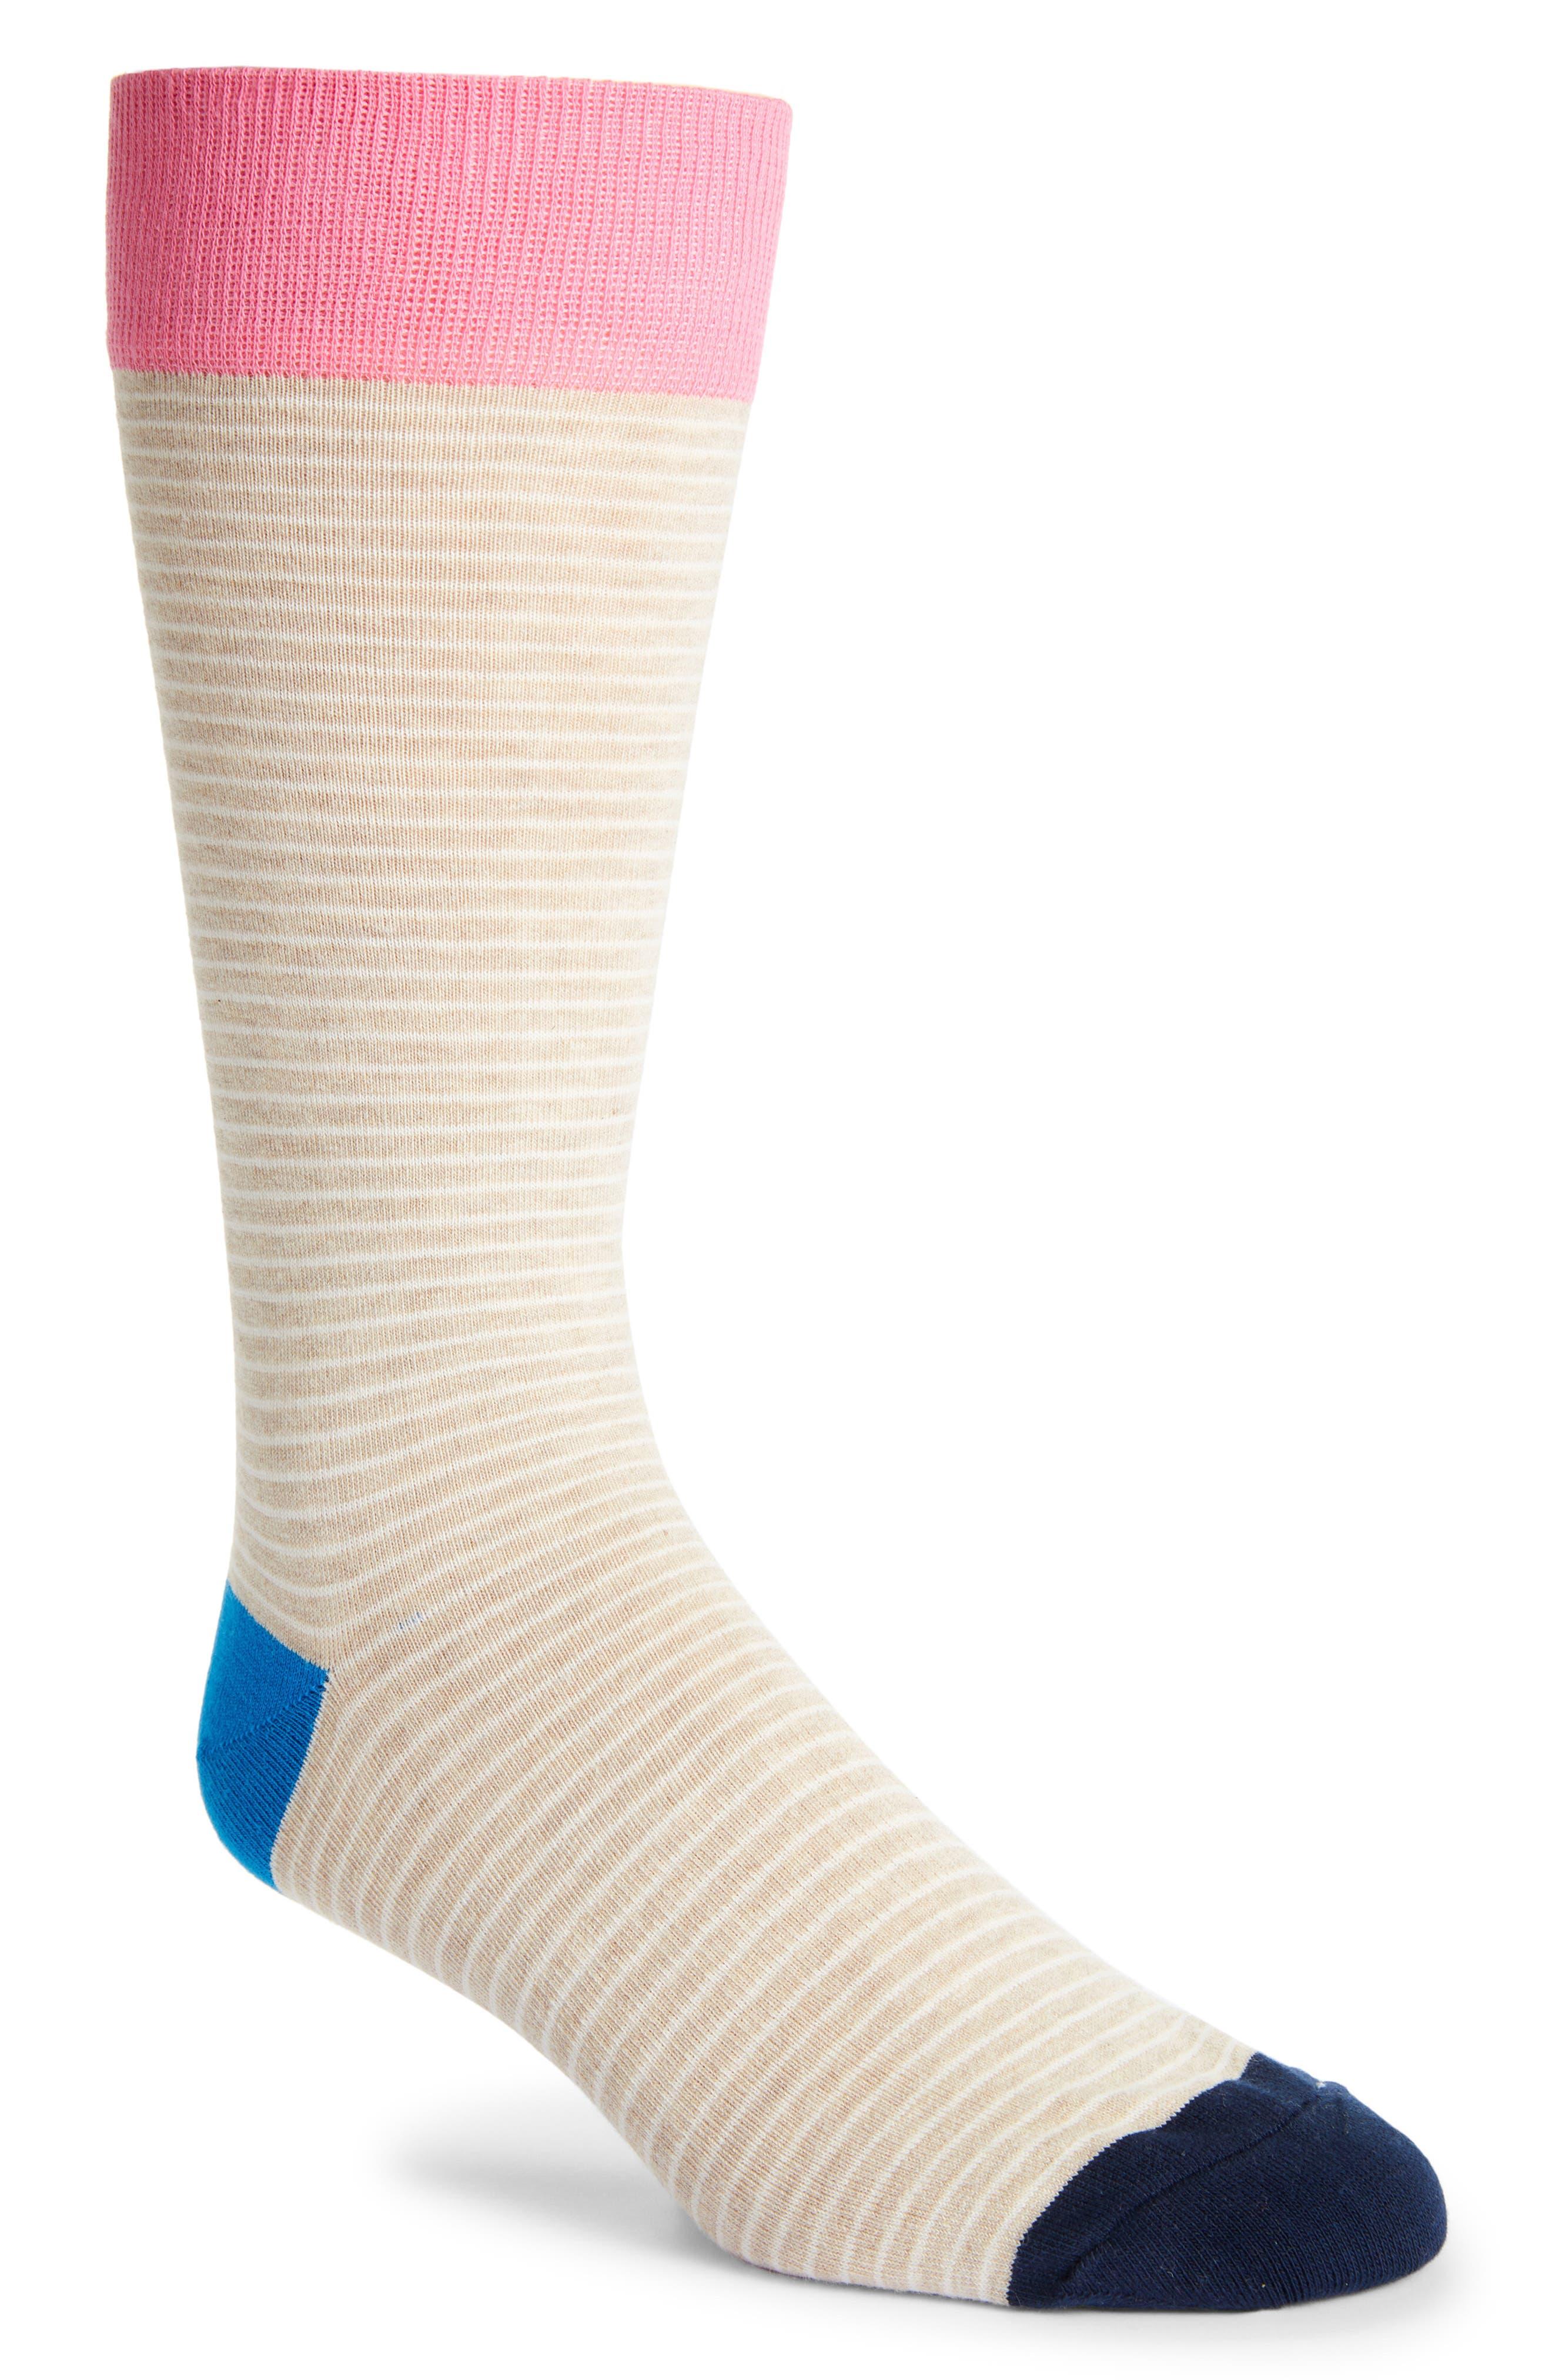 Men's Fun Socks Stripe Socks